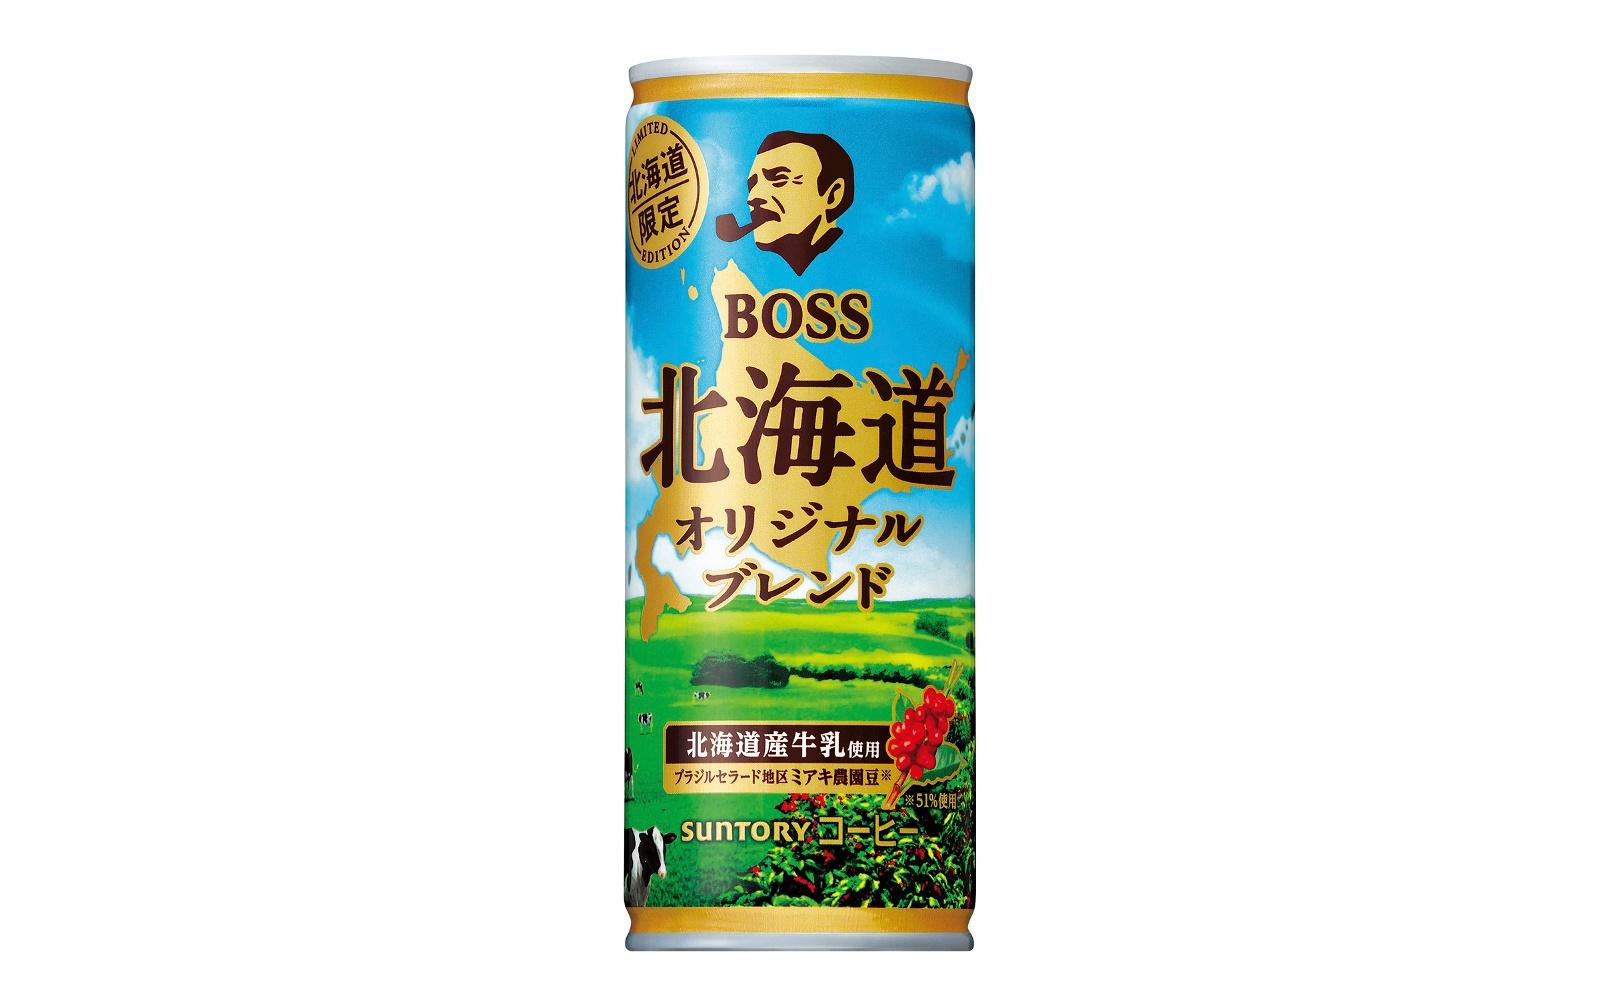 北海道限定缶コーヒー「BOSS 北海道オリジナルブレンド」新登場!